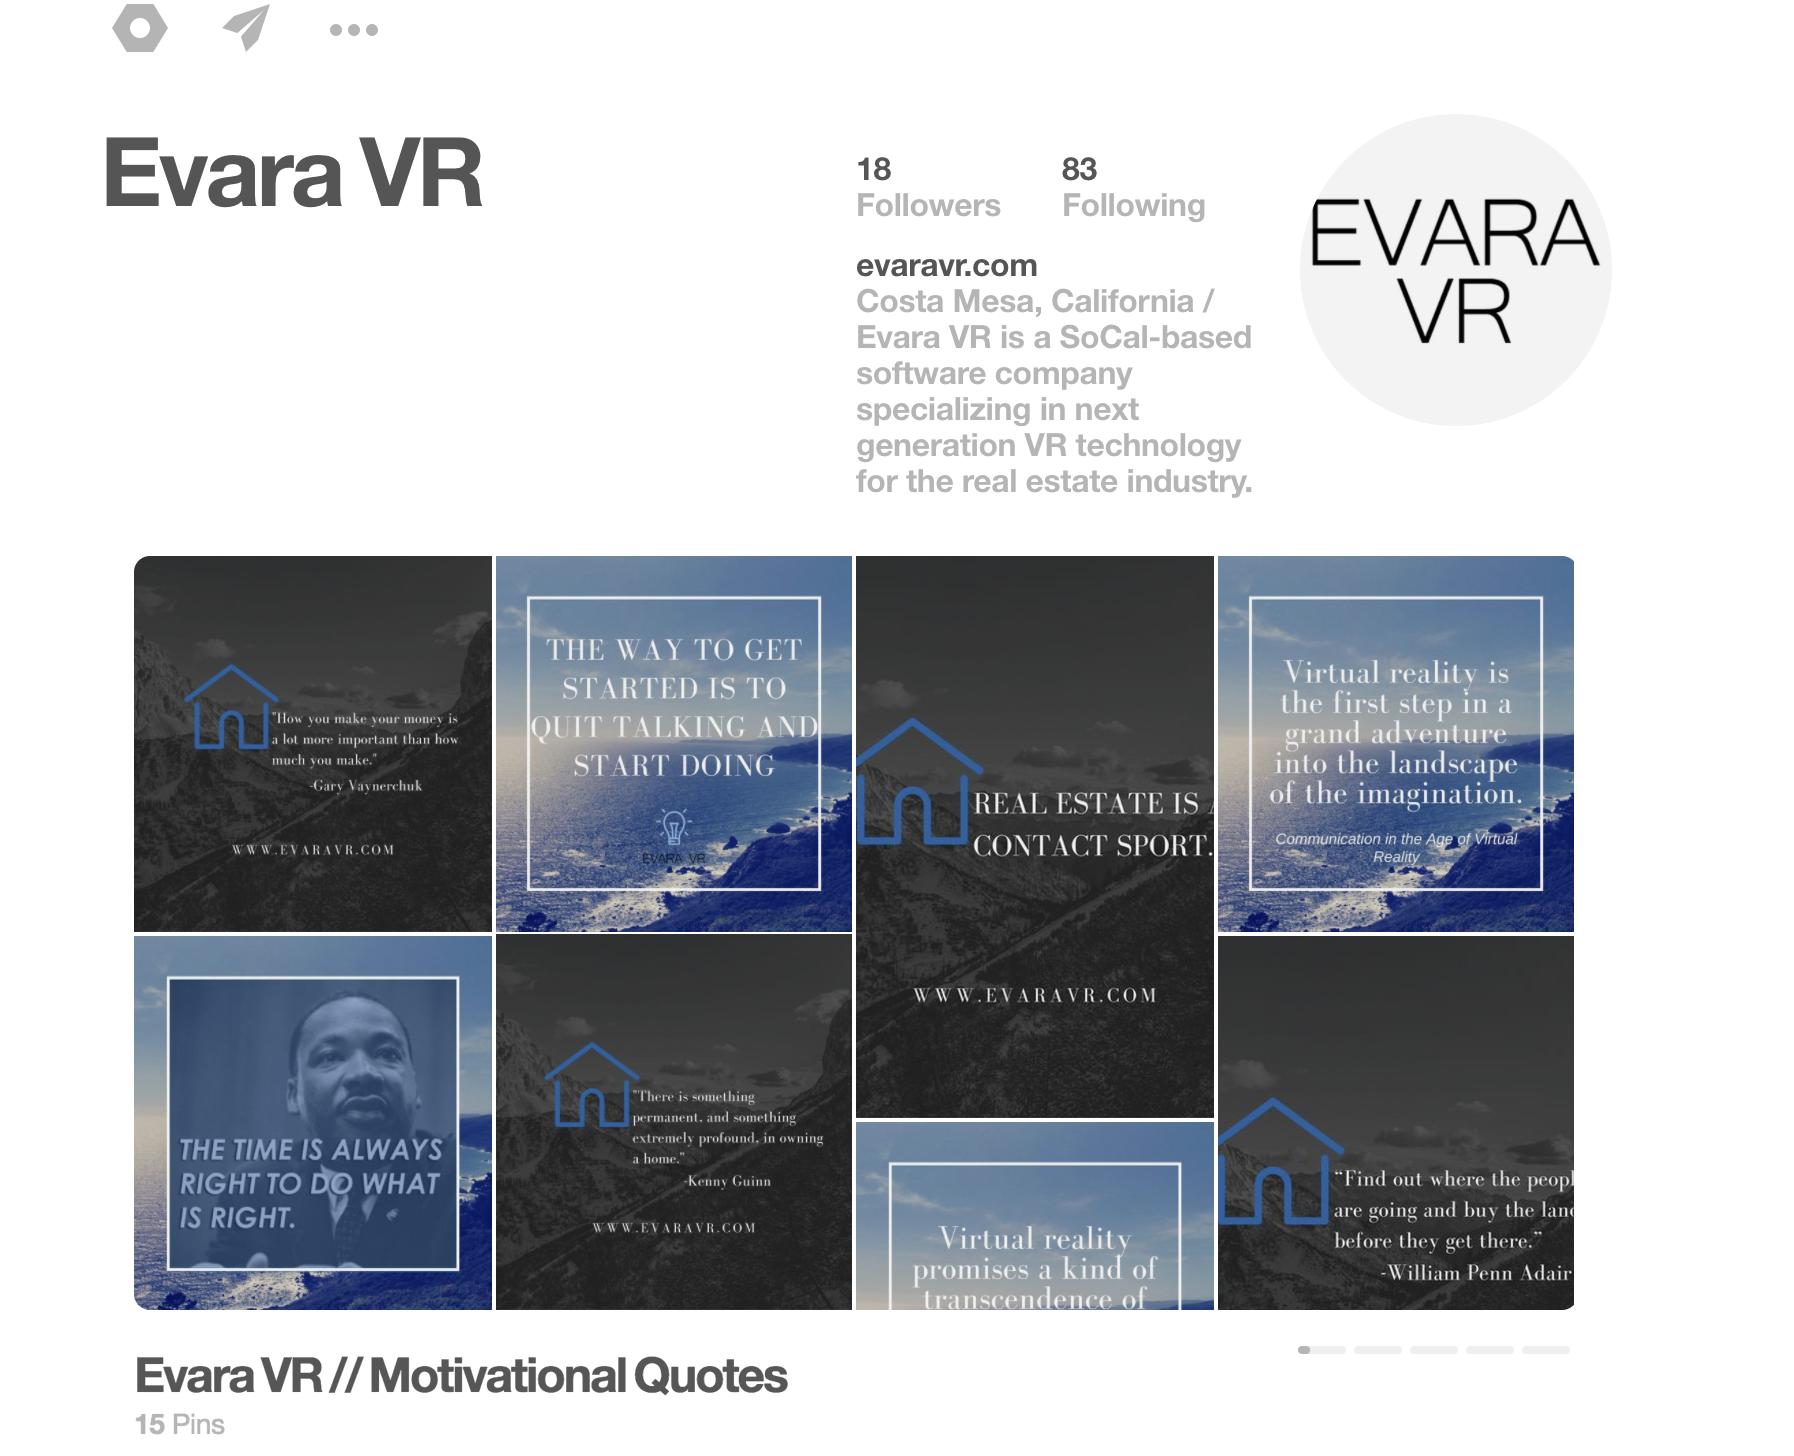 Evara VR is on Pinterest